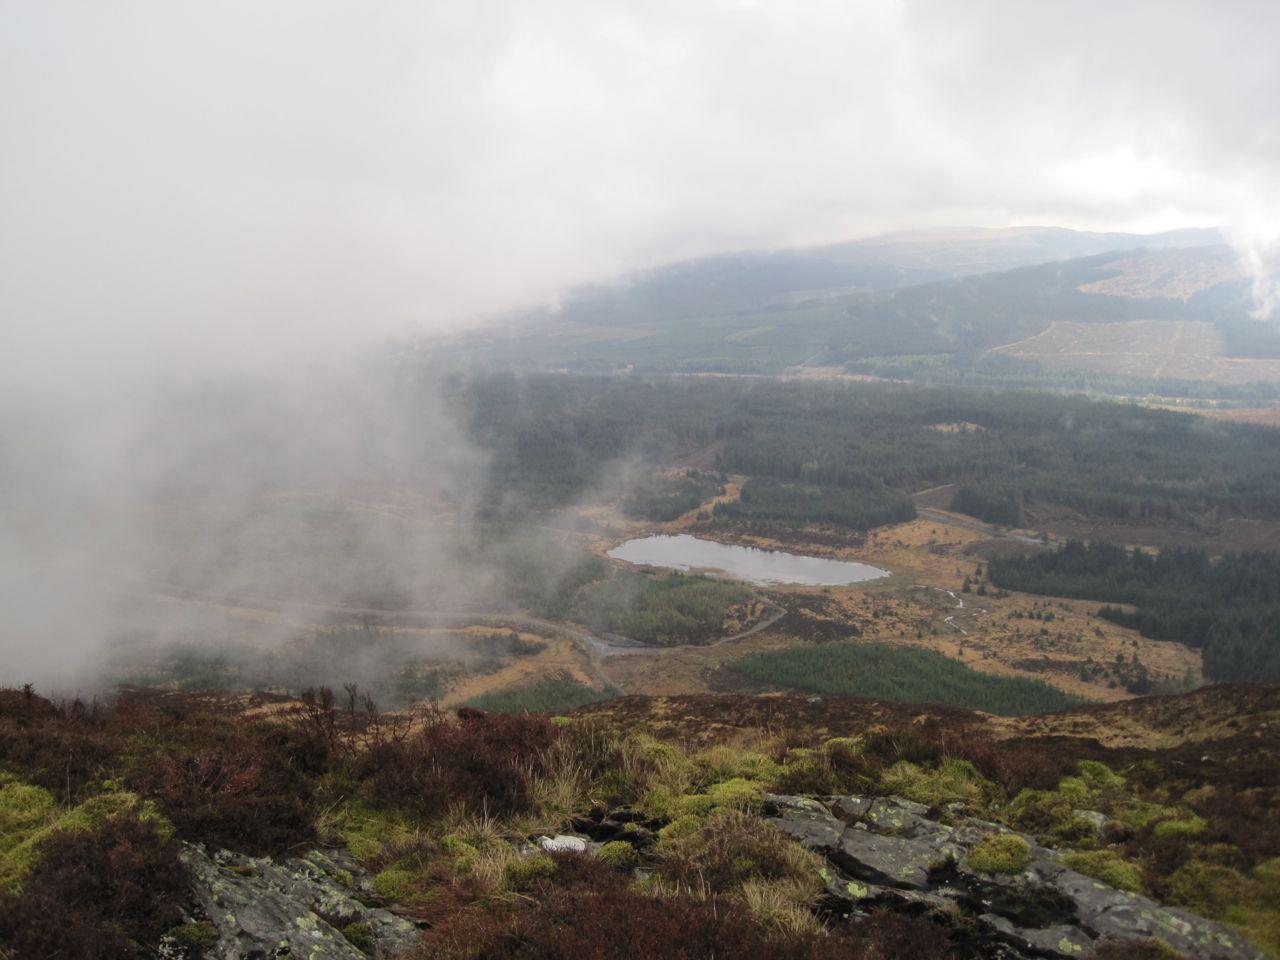 lillie's Loch below Craignell, in a break in the cloud